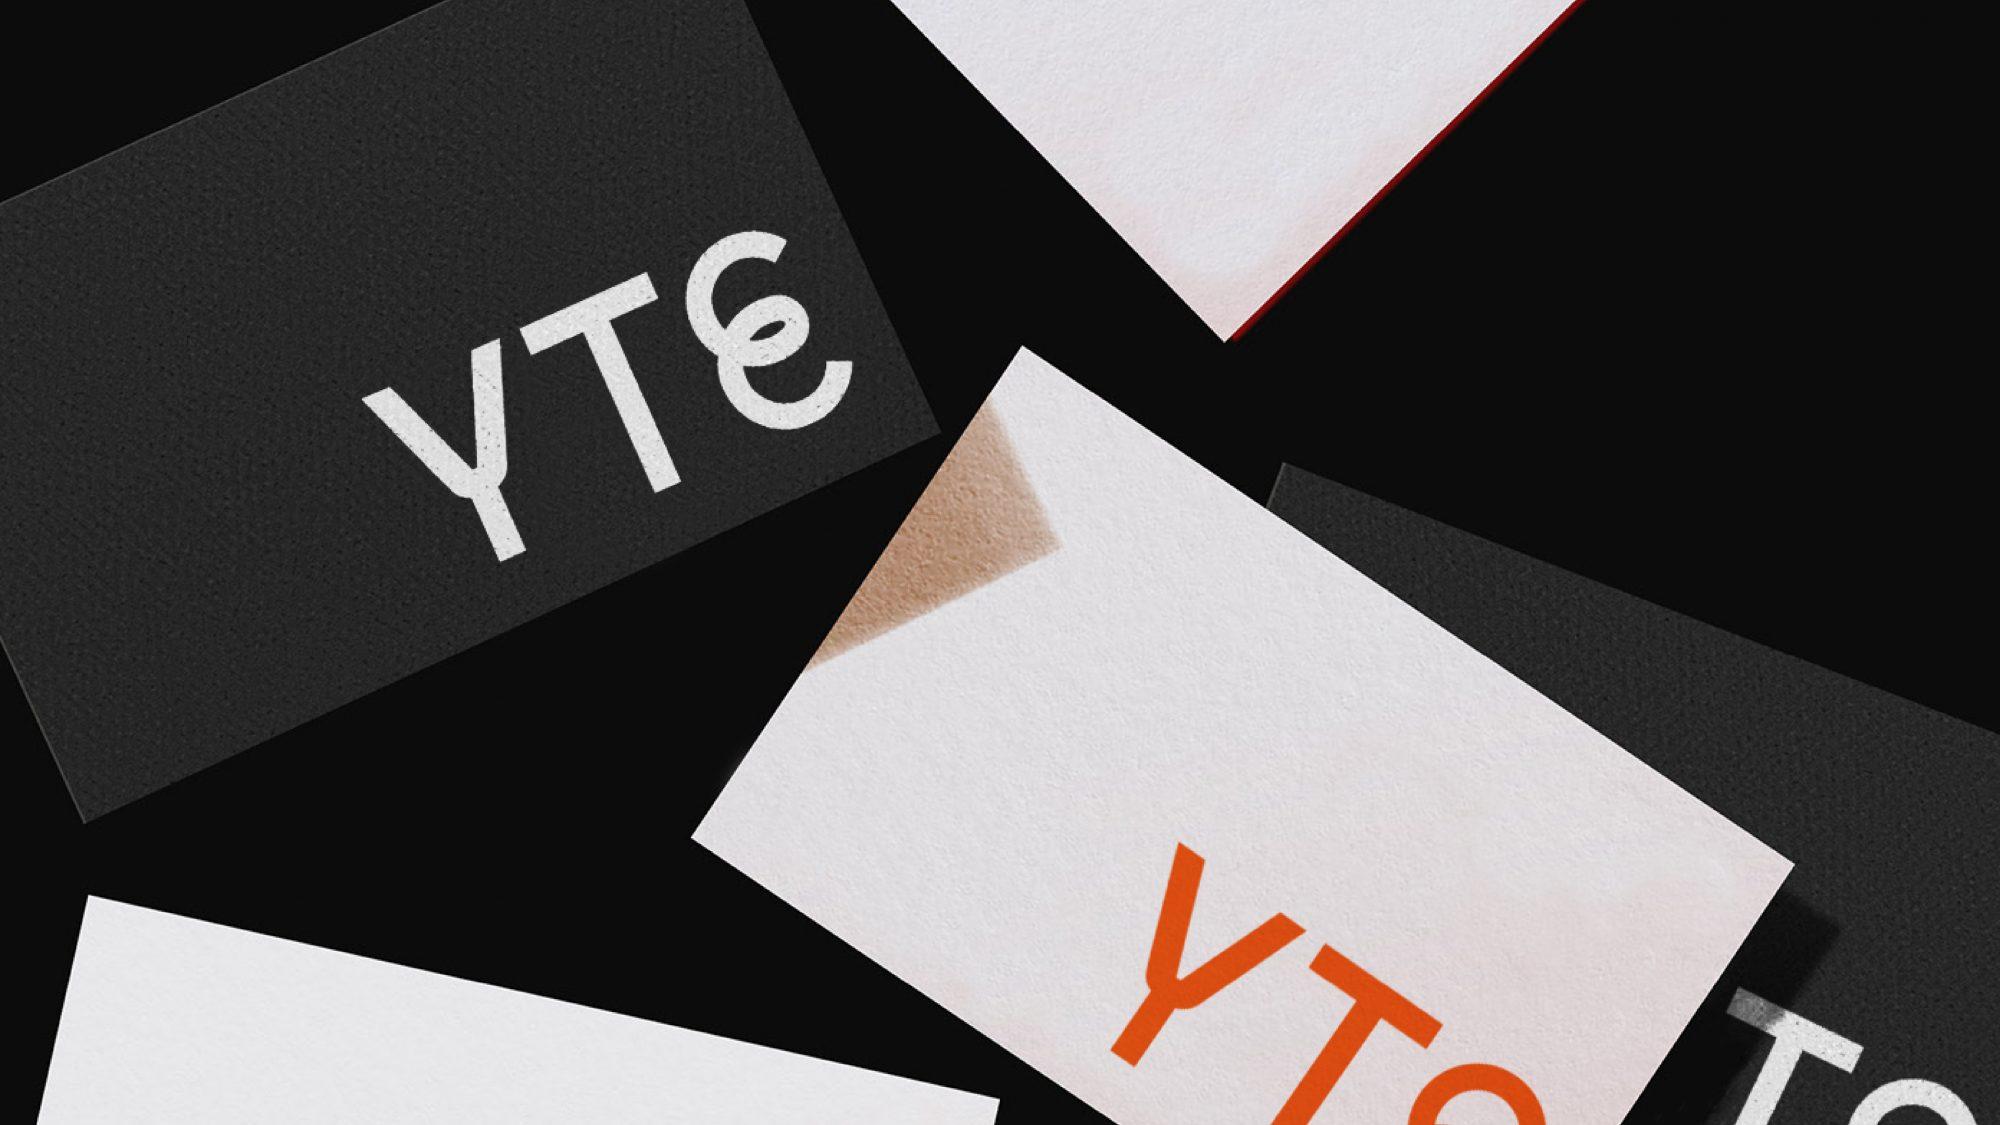 yte-3840x21604